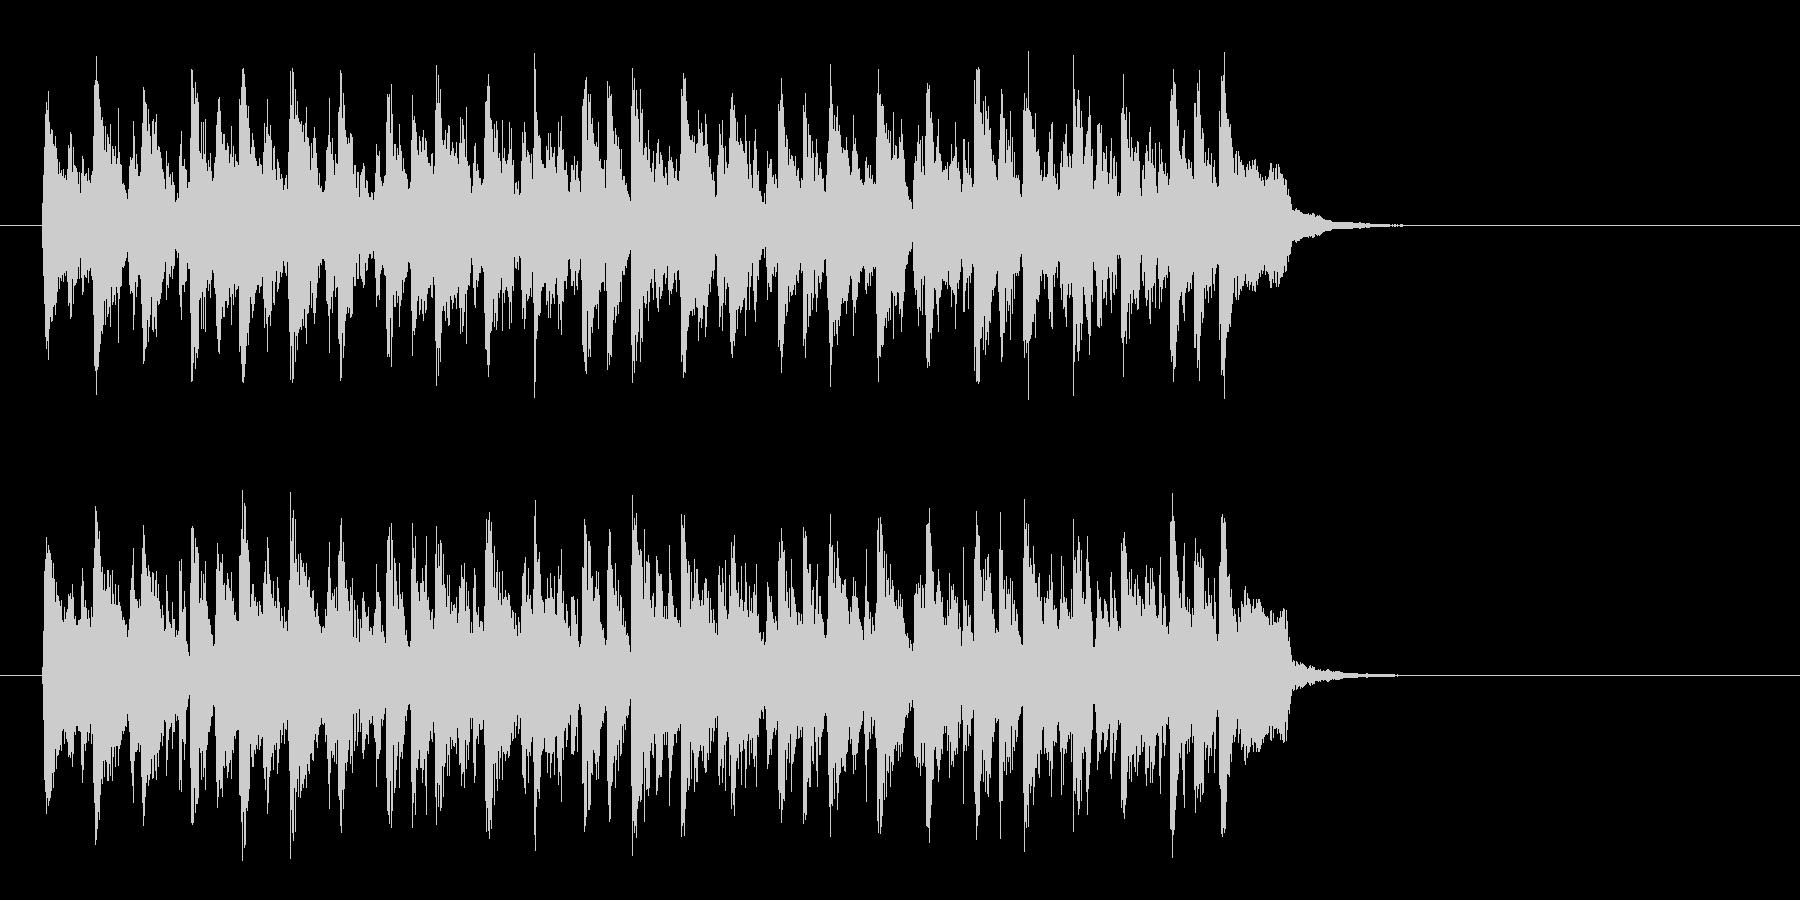 ワールド系サンバ風BGM(サビ)の未再生の波形